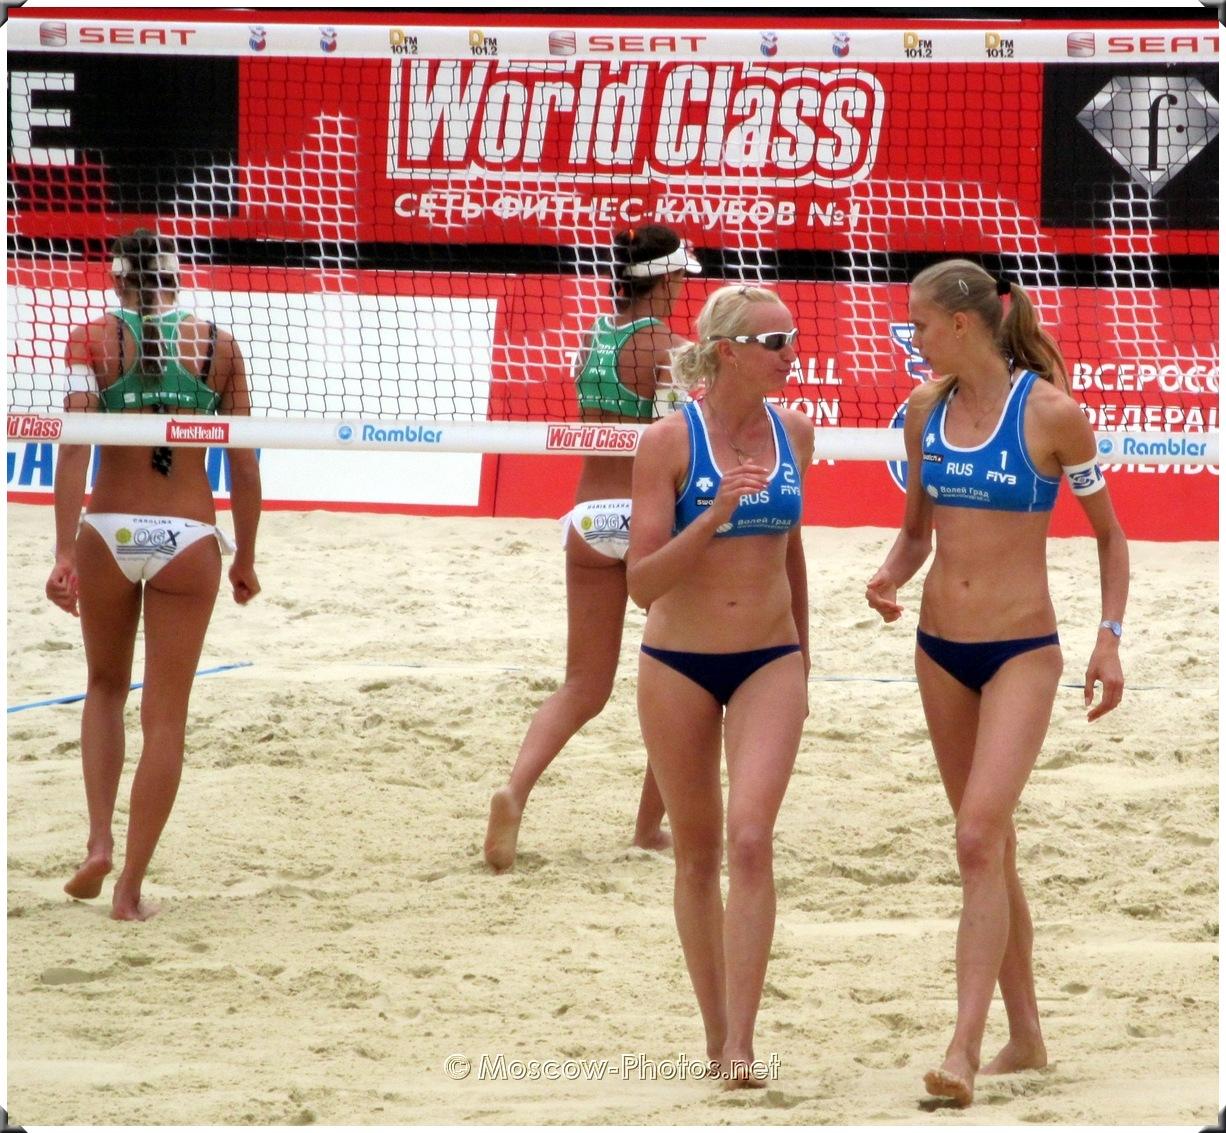 beachvolleyball world tour